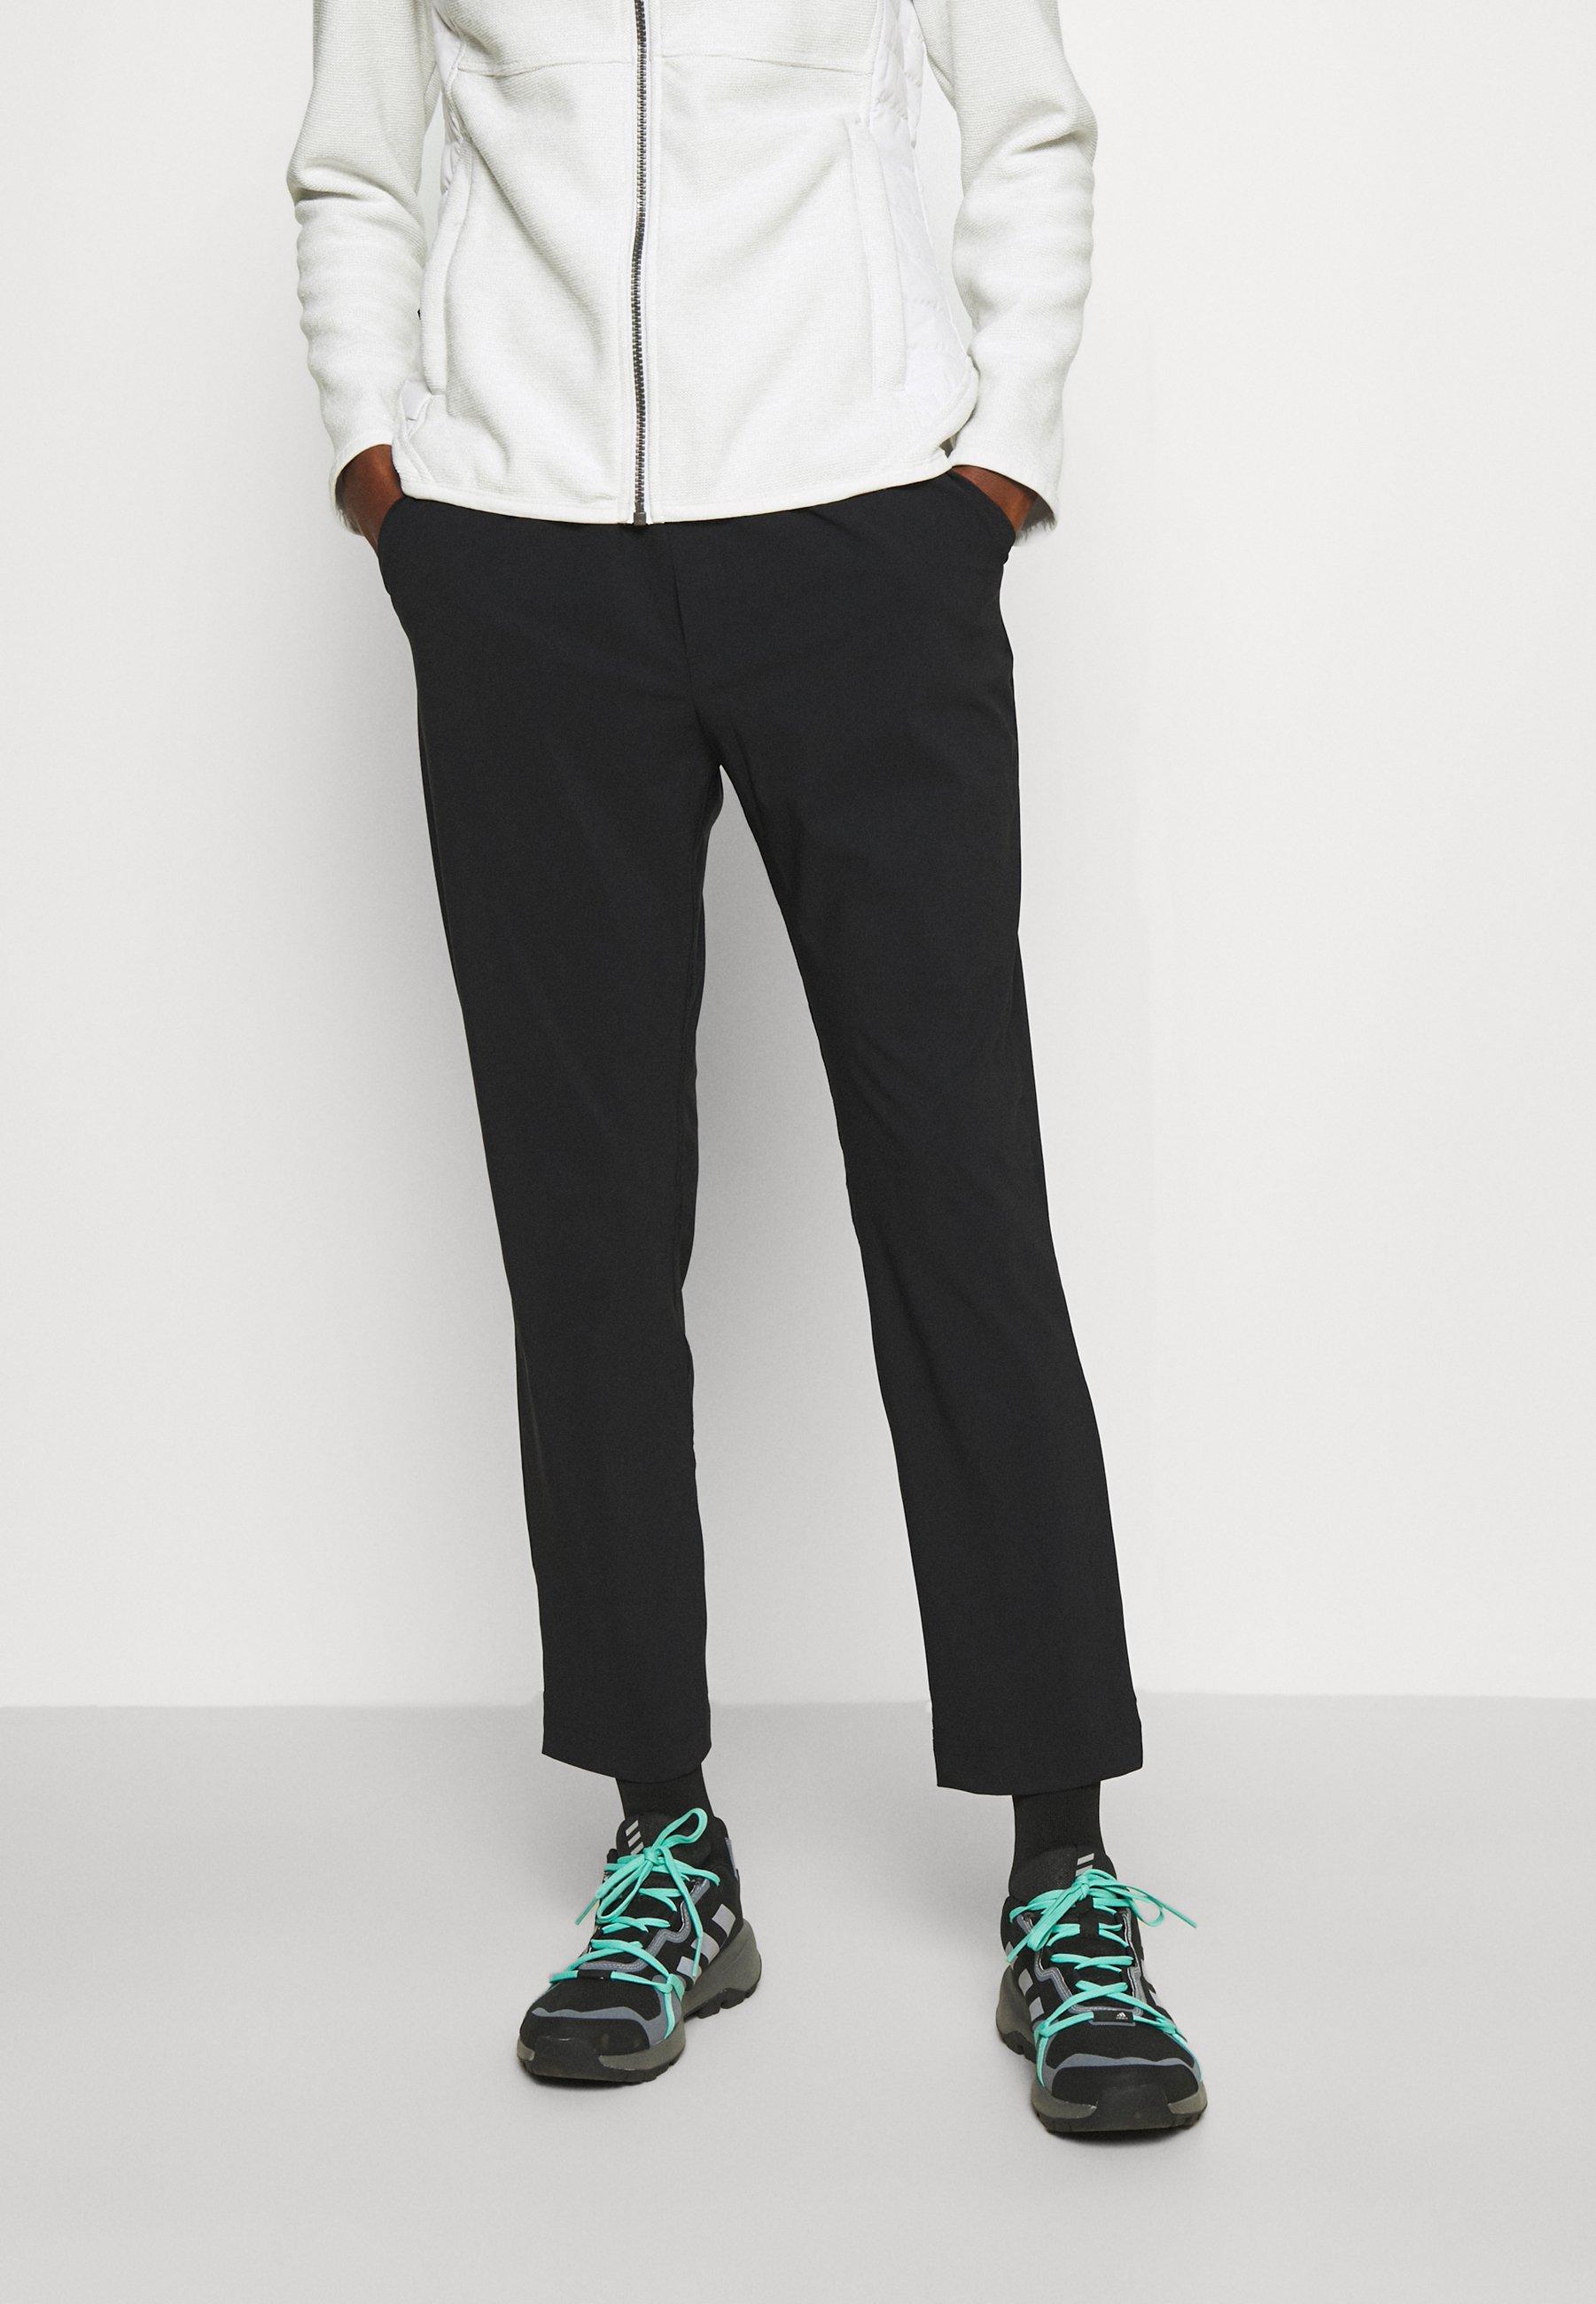 Femme Pantalons outdoor